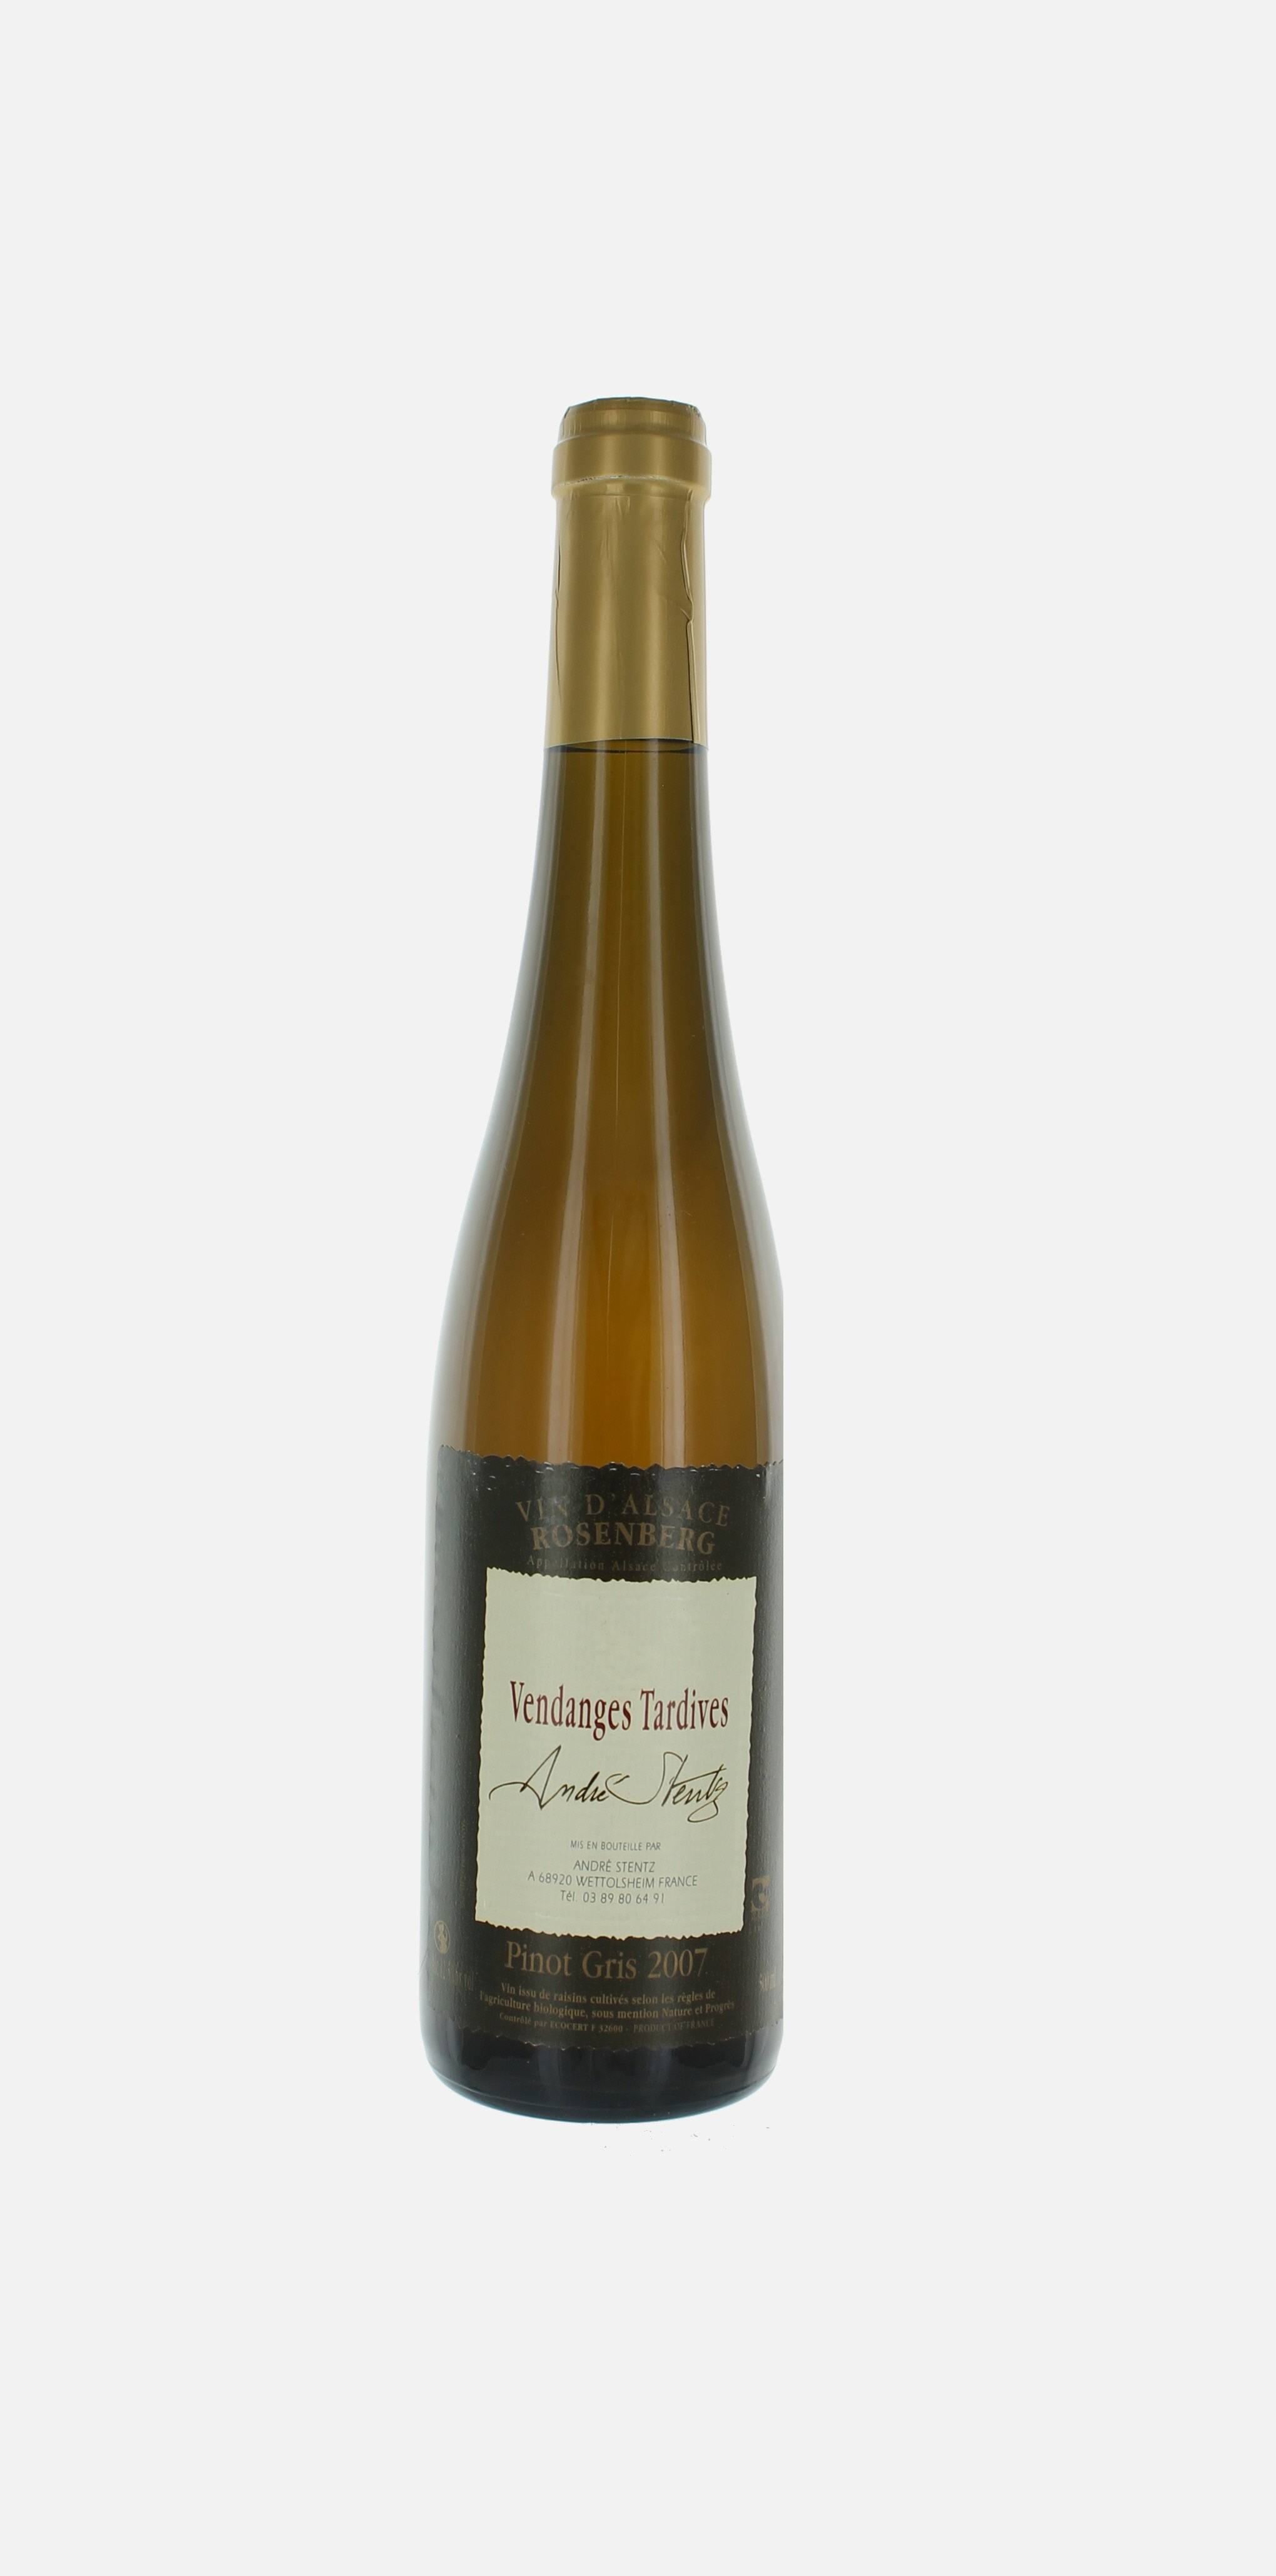 Pinot Gris Rosenberg, Vendanges Tardives, Stentz